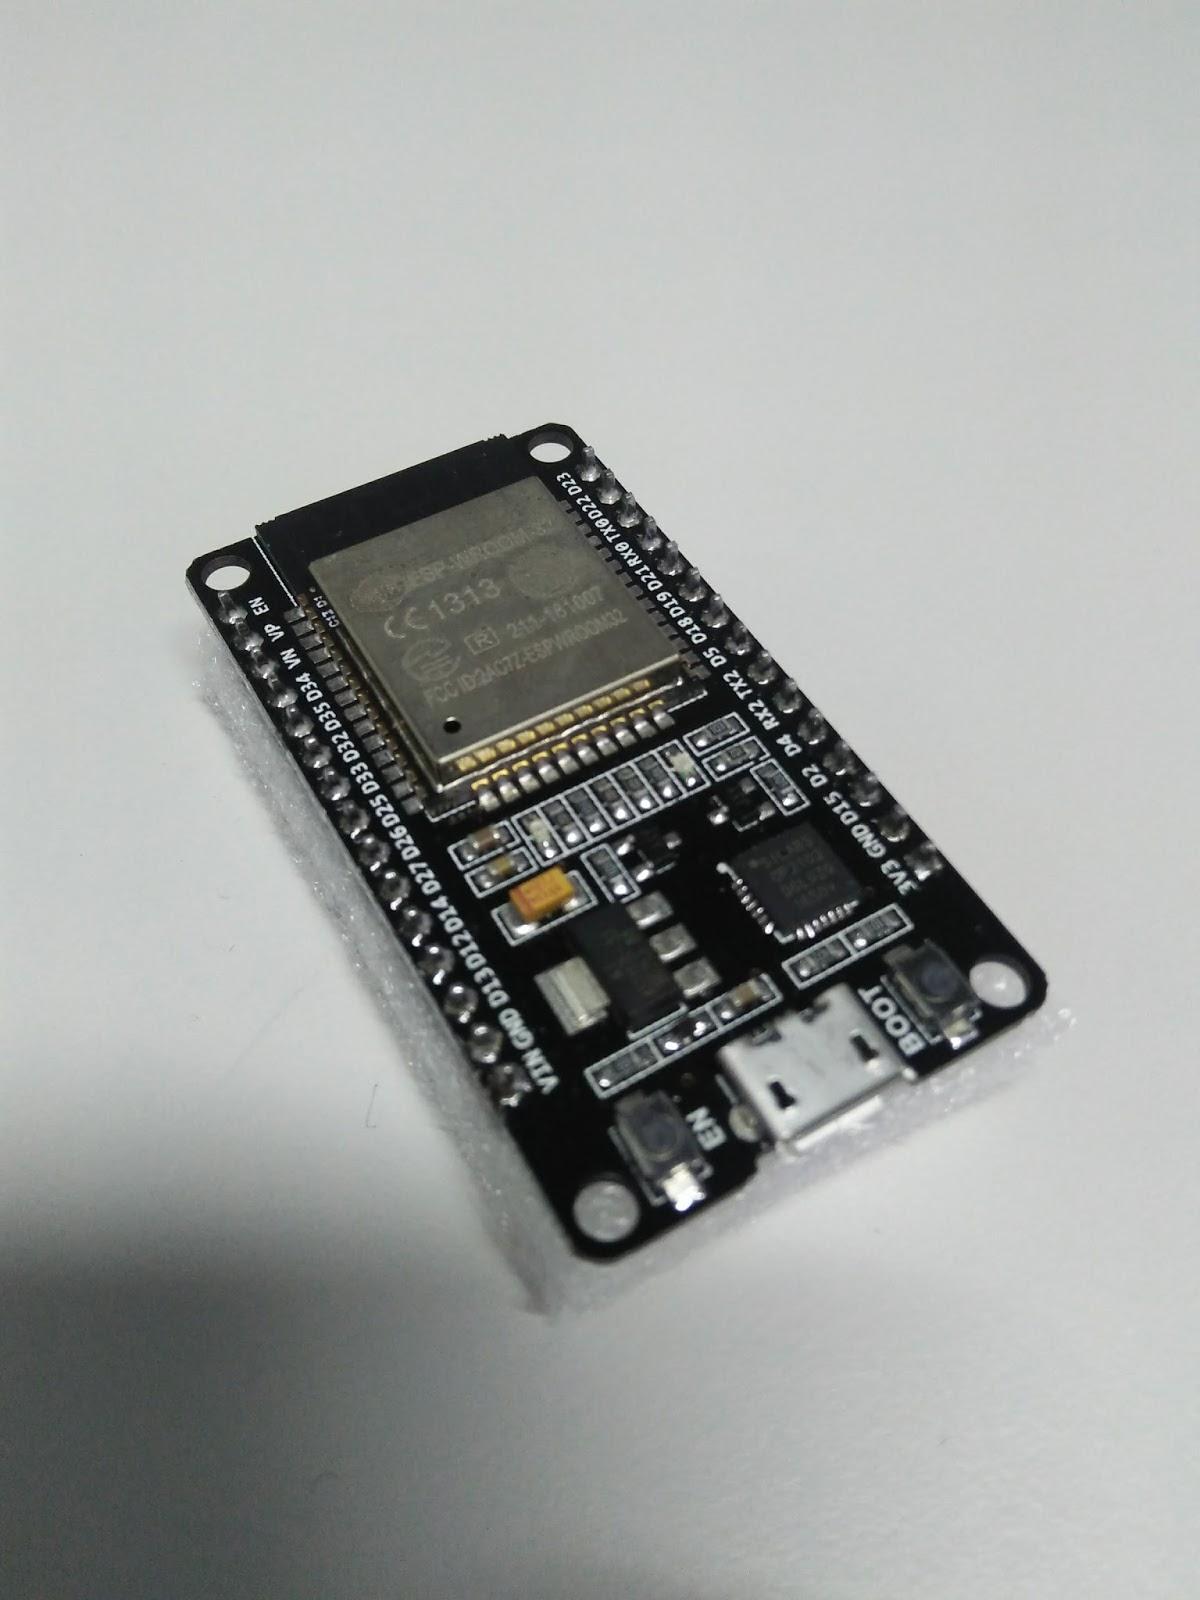 Erste Schritte mit dem DOIT ESP32 Board Klon von Banggood